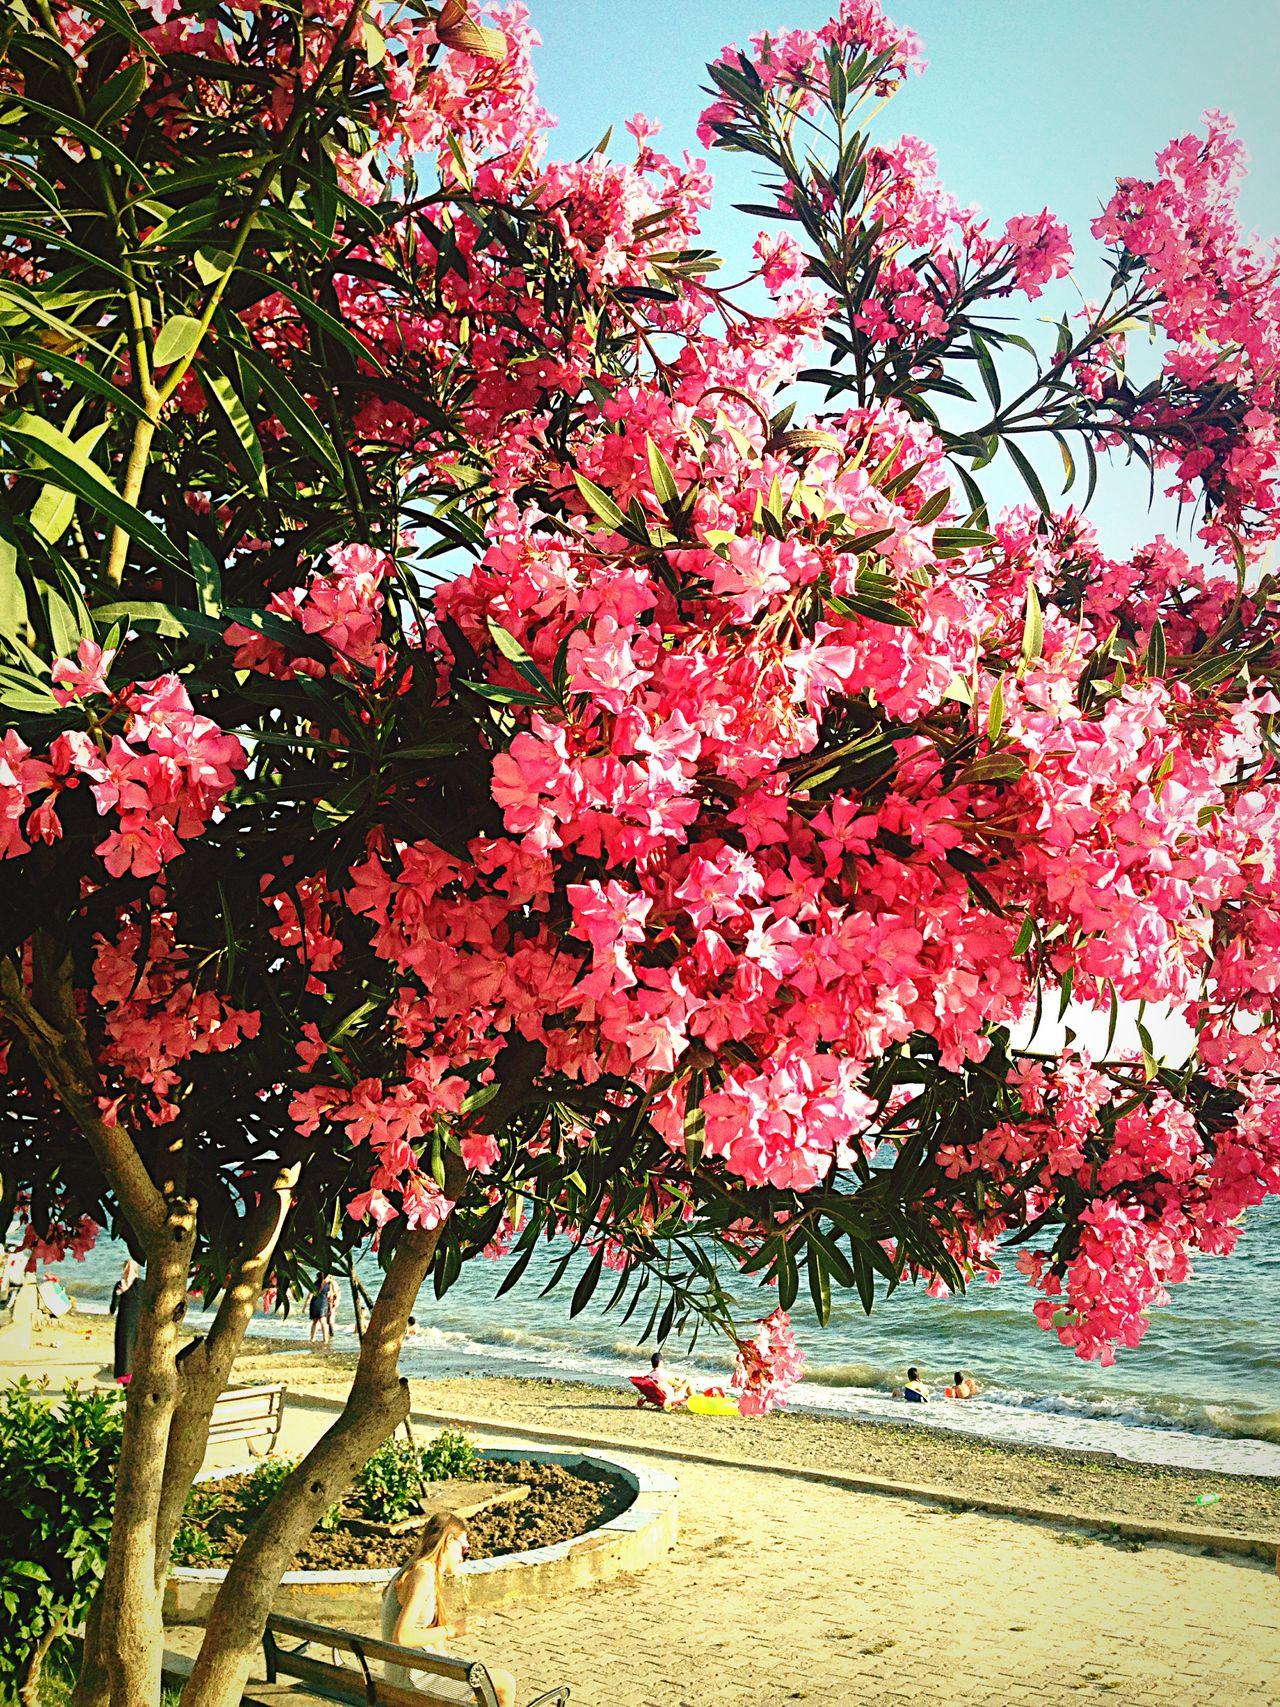 Enjoying The Sun Flowers Sea Relaxing Beautiful Day Enjoying Life Hello World